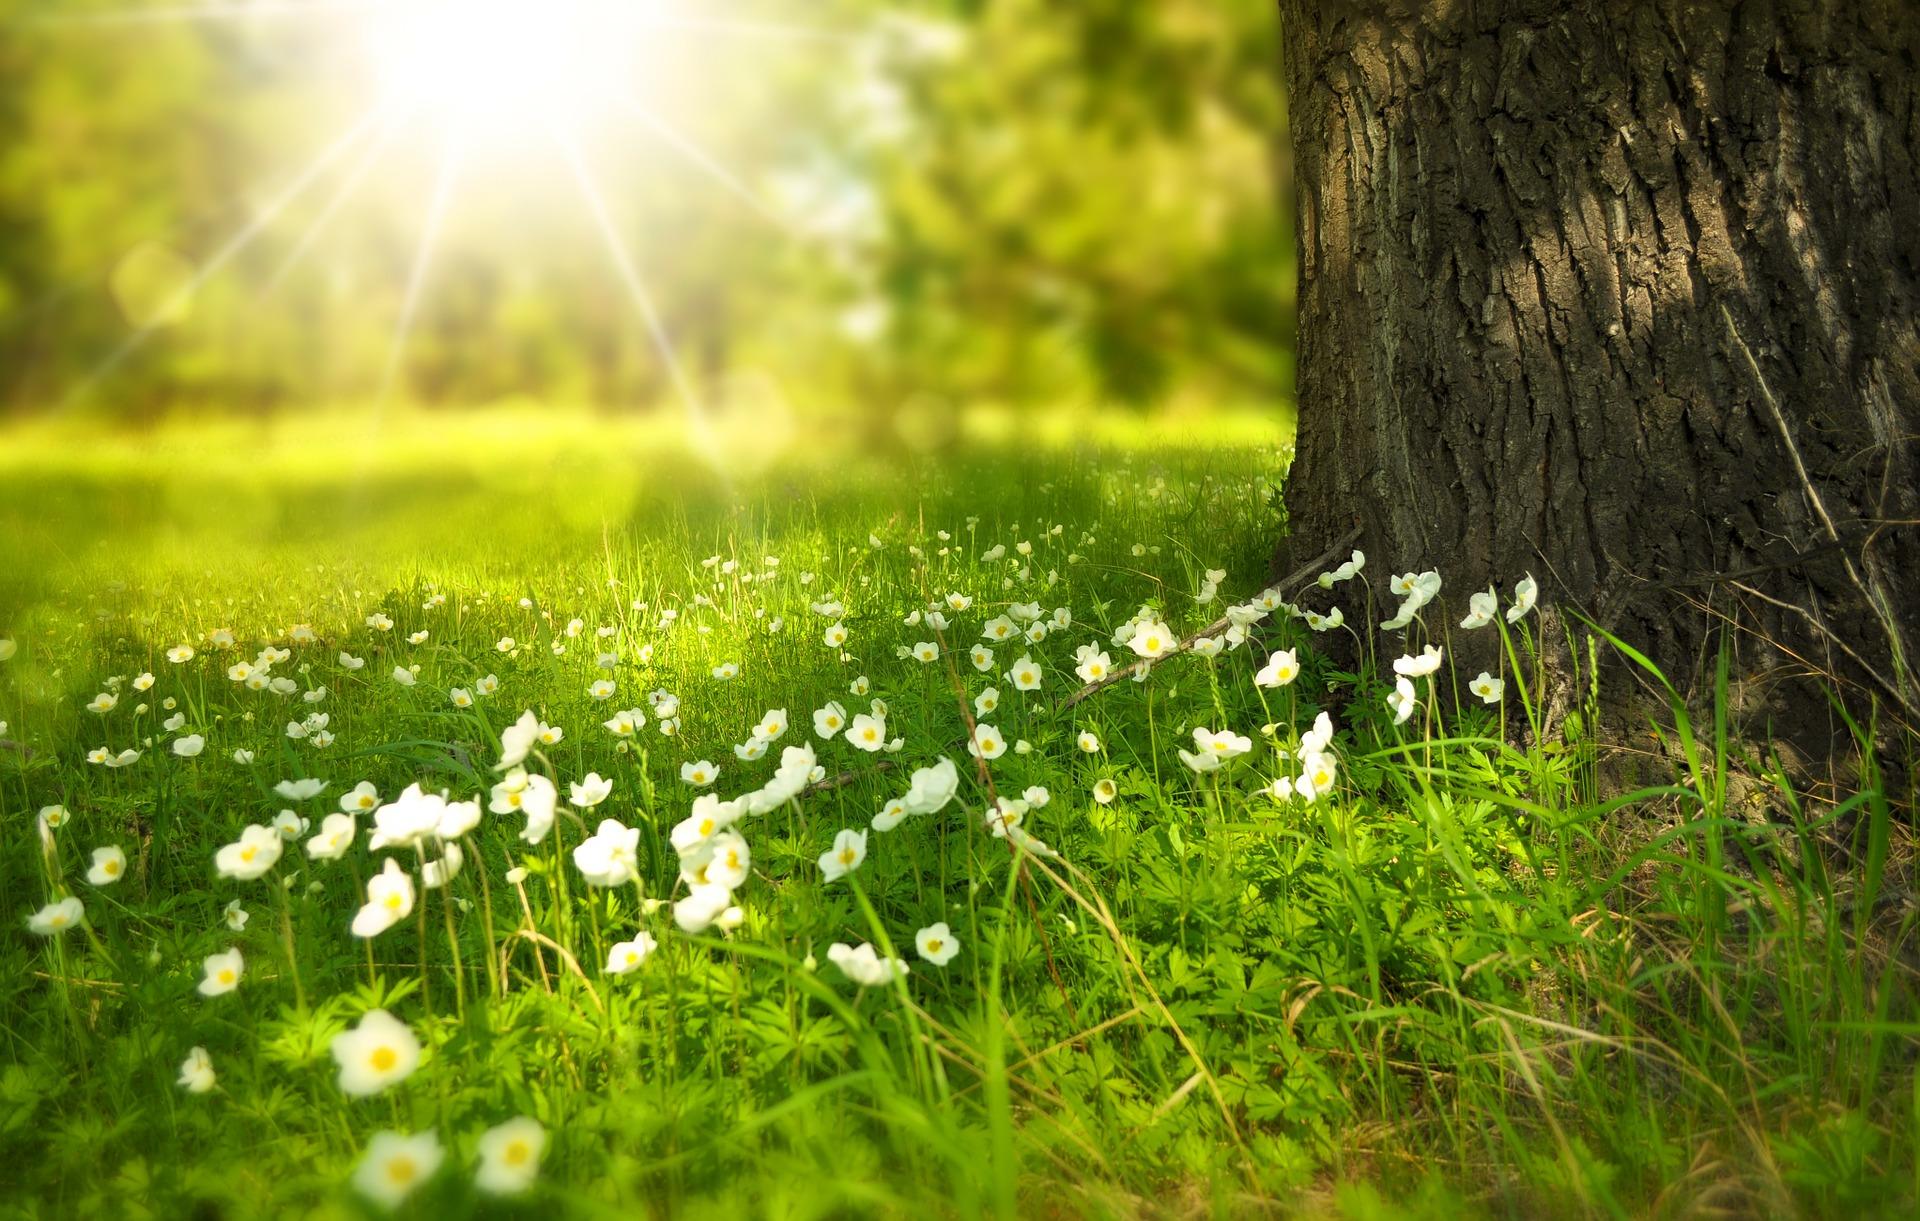 beneficios-del-sol-para-el-medioambiente-plantas